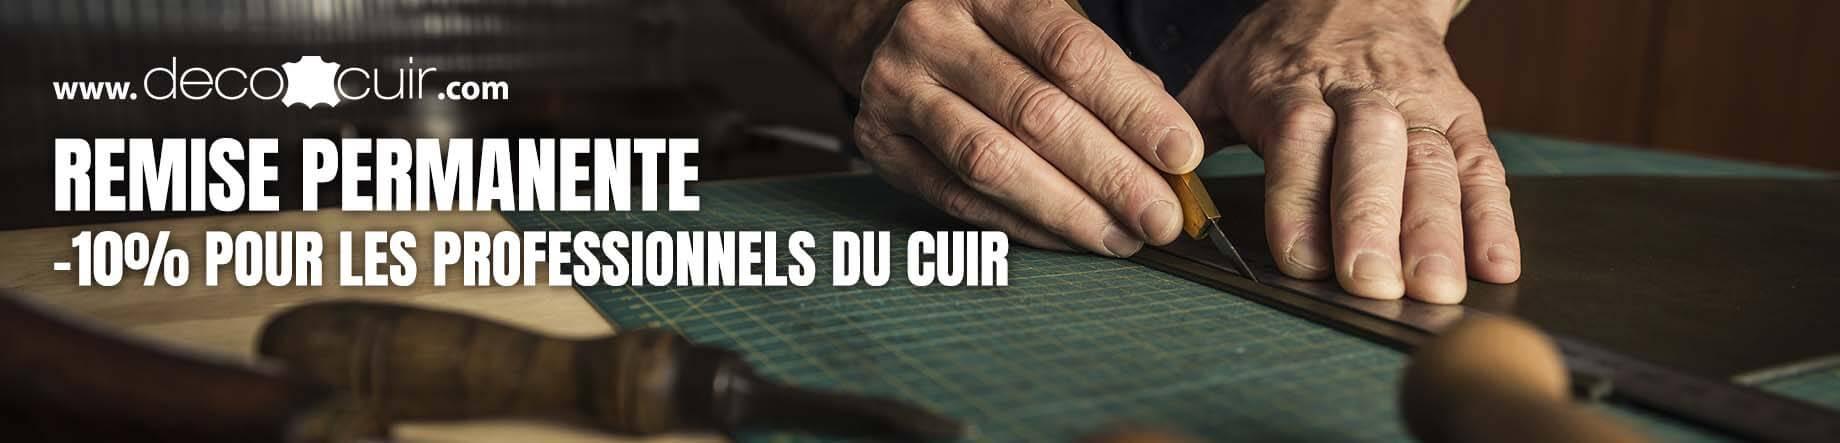 remise professionnel travail du cuir